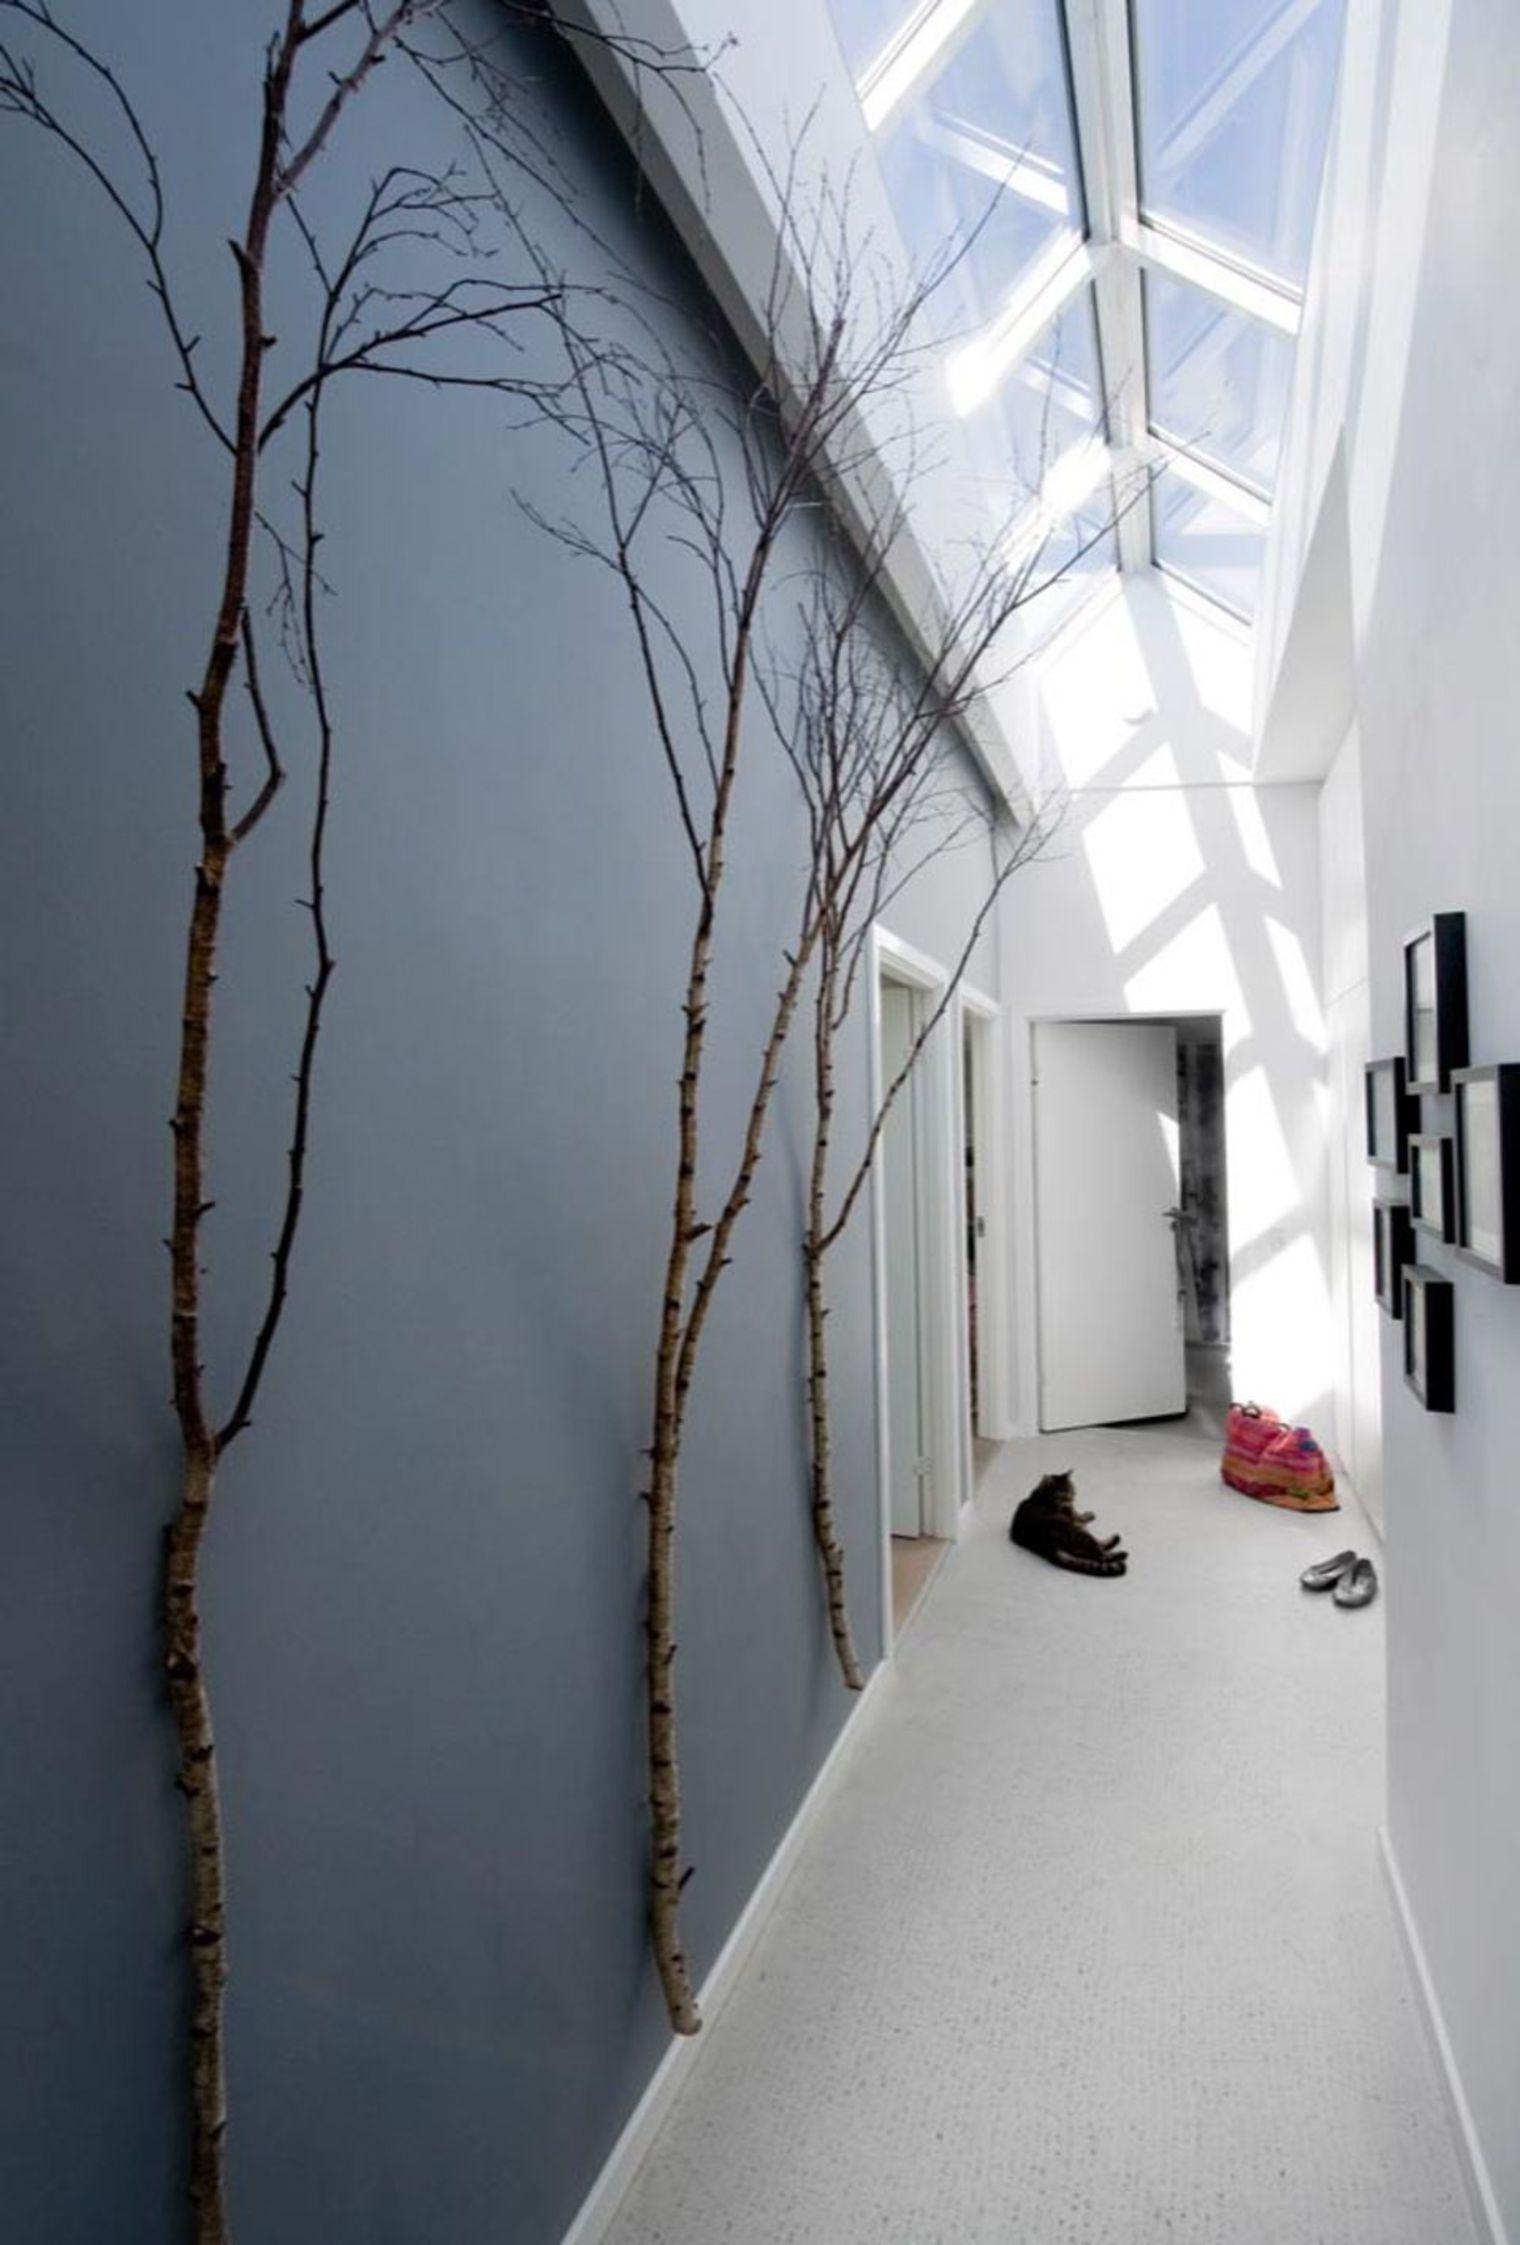 d co couloir long sombre troit 12 id es pour lui donner du style chambre pinterest. Black Bedroom Furniture Sets. Home Design Ideas